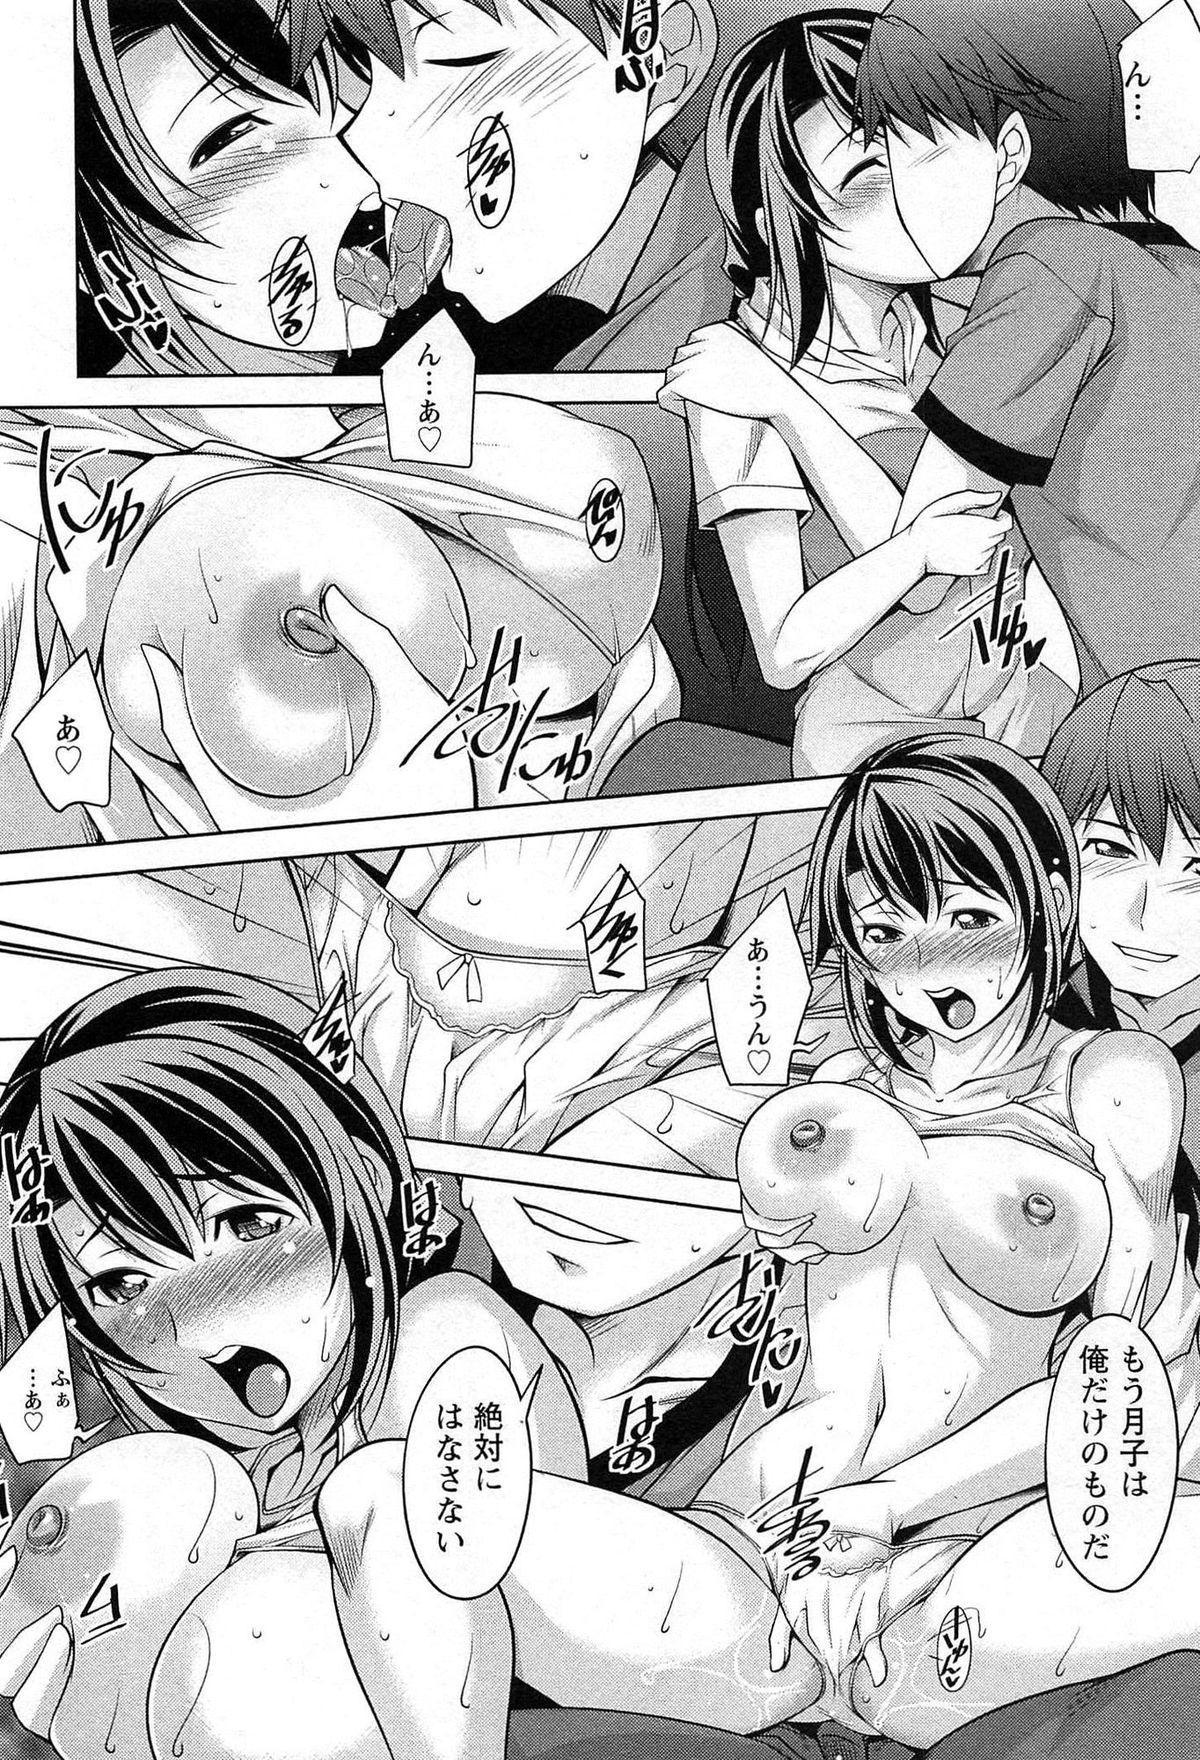 [zen9] Tsuki-wo Ai-Shite - Tsuki-ni Koi-shite 2 164